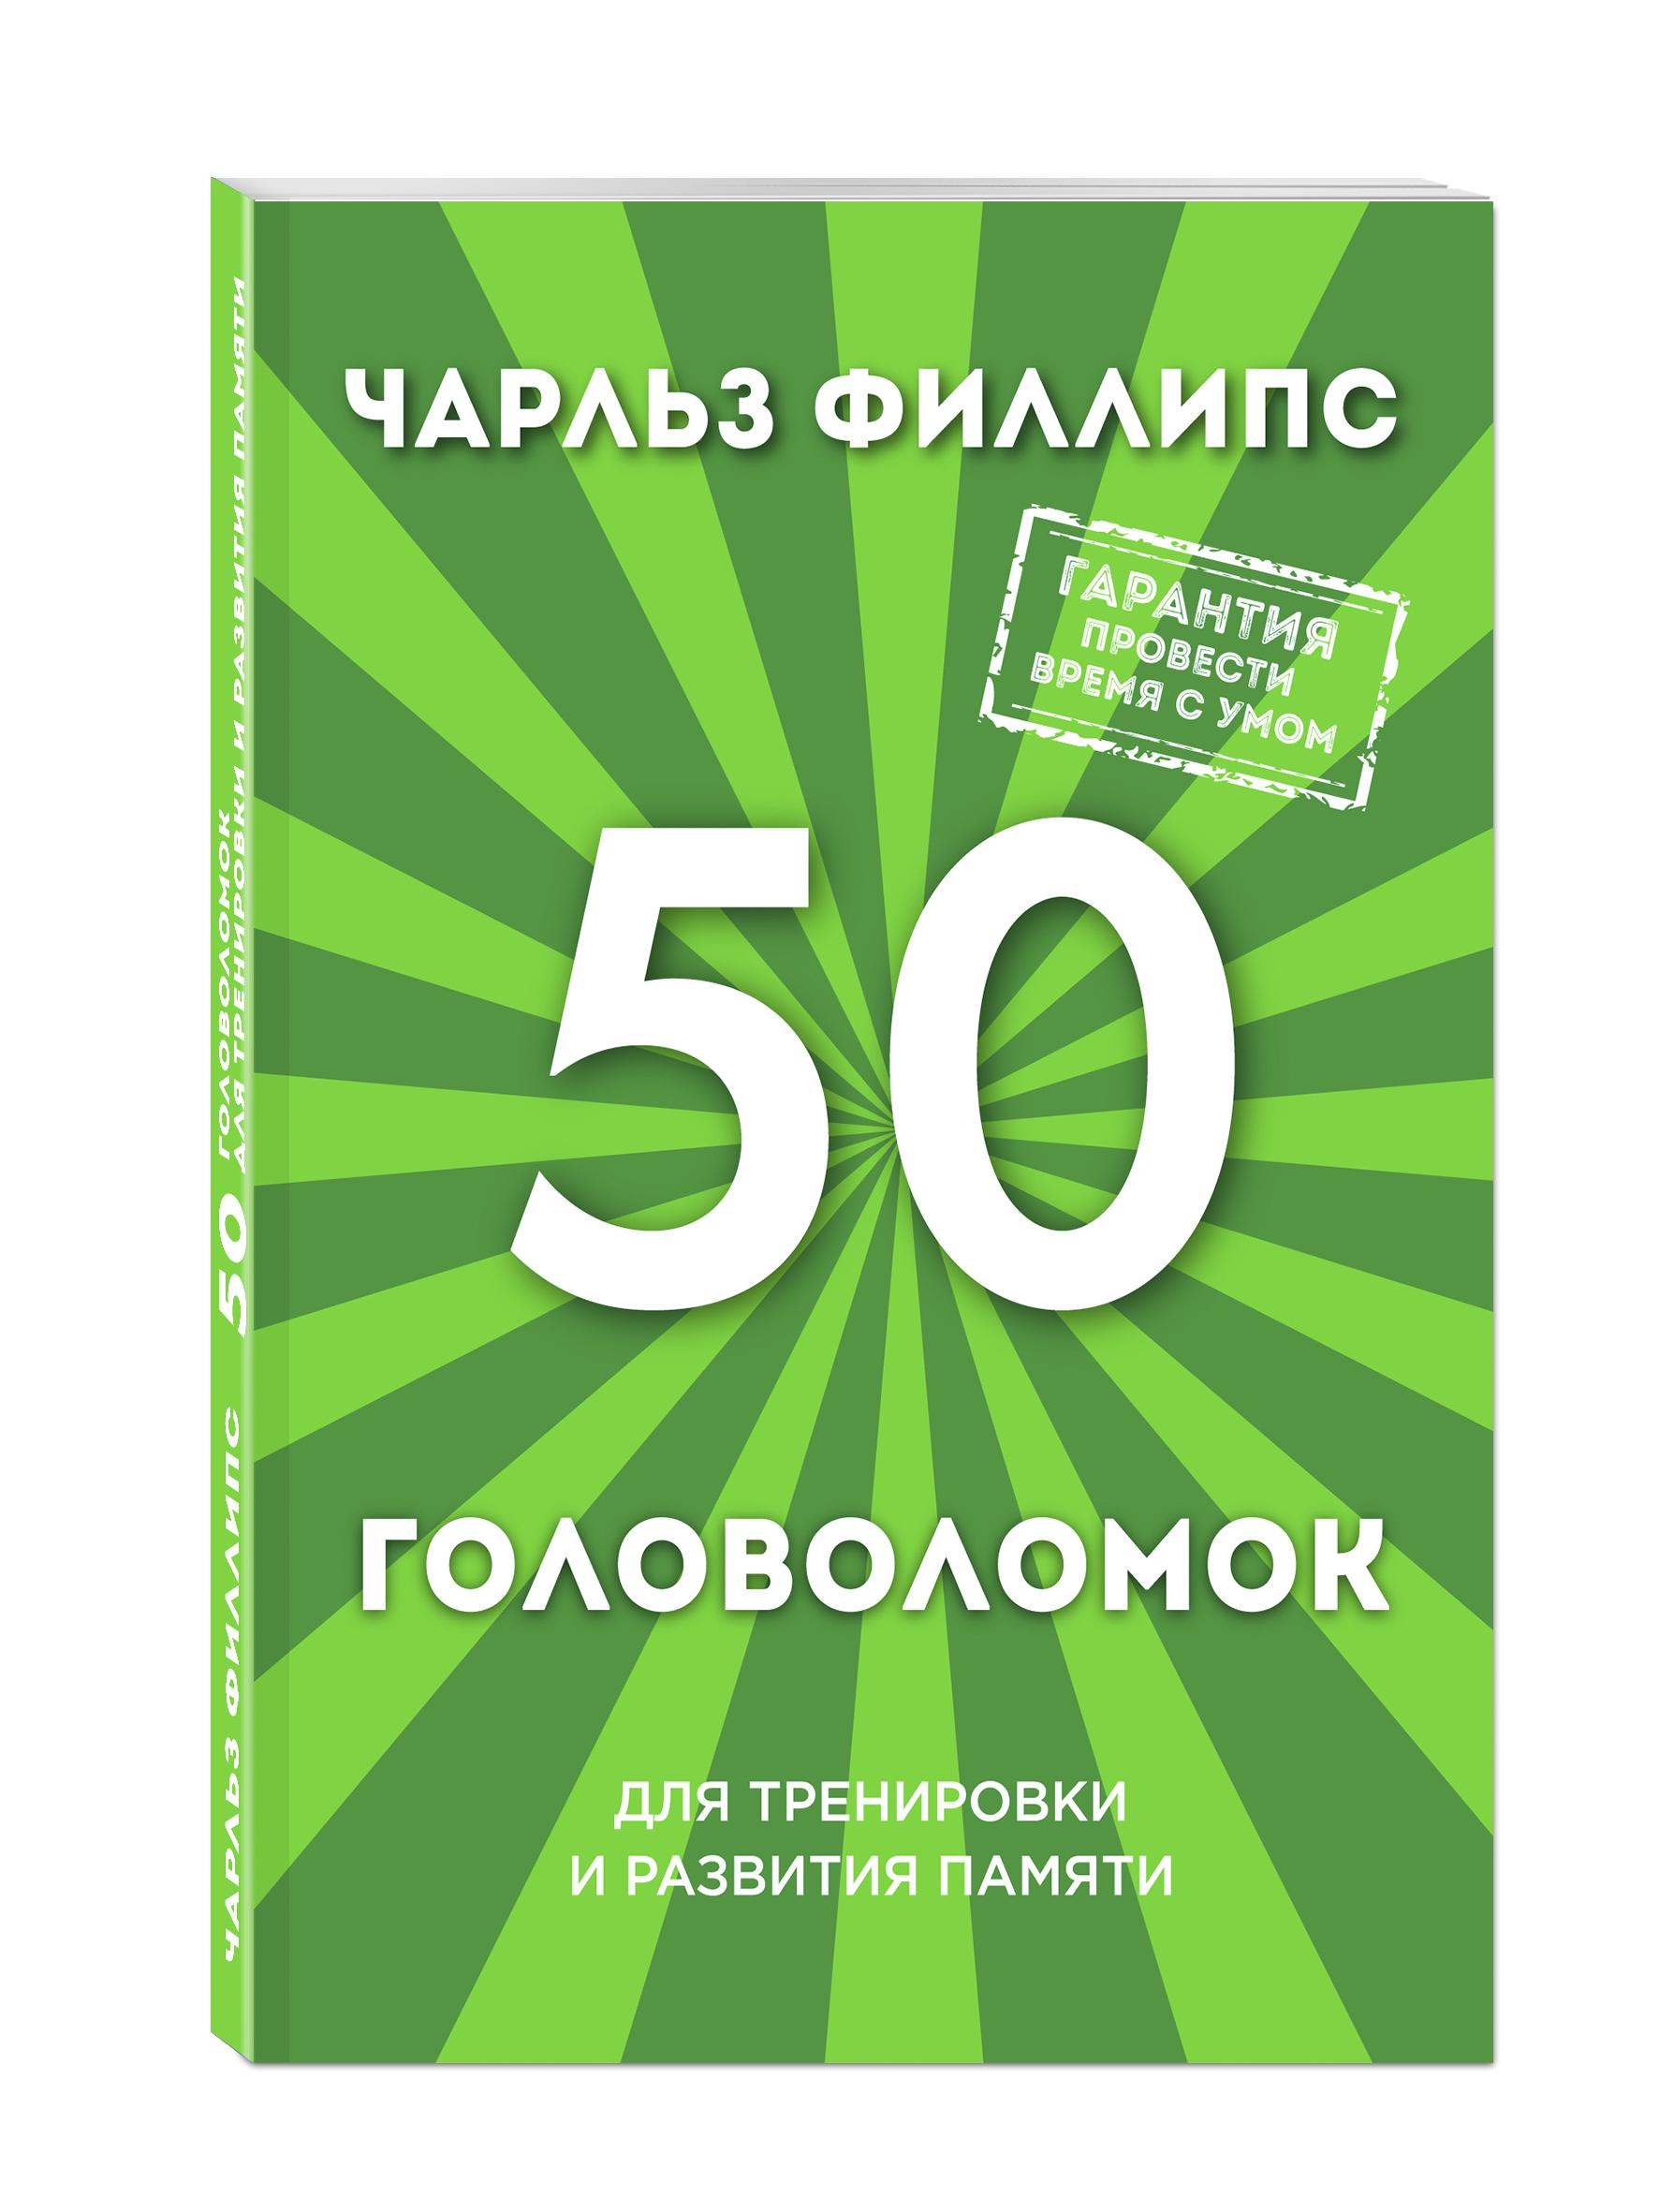 Филлипс Ч. 50 головоломок для тренировки и развития памяти ISBN: 978-5-699-89389-8 филлипс ч 50 лучших головоломок для развития левого и правого полушария мозга нов оф